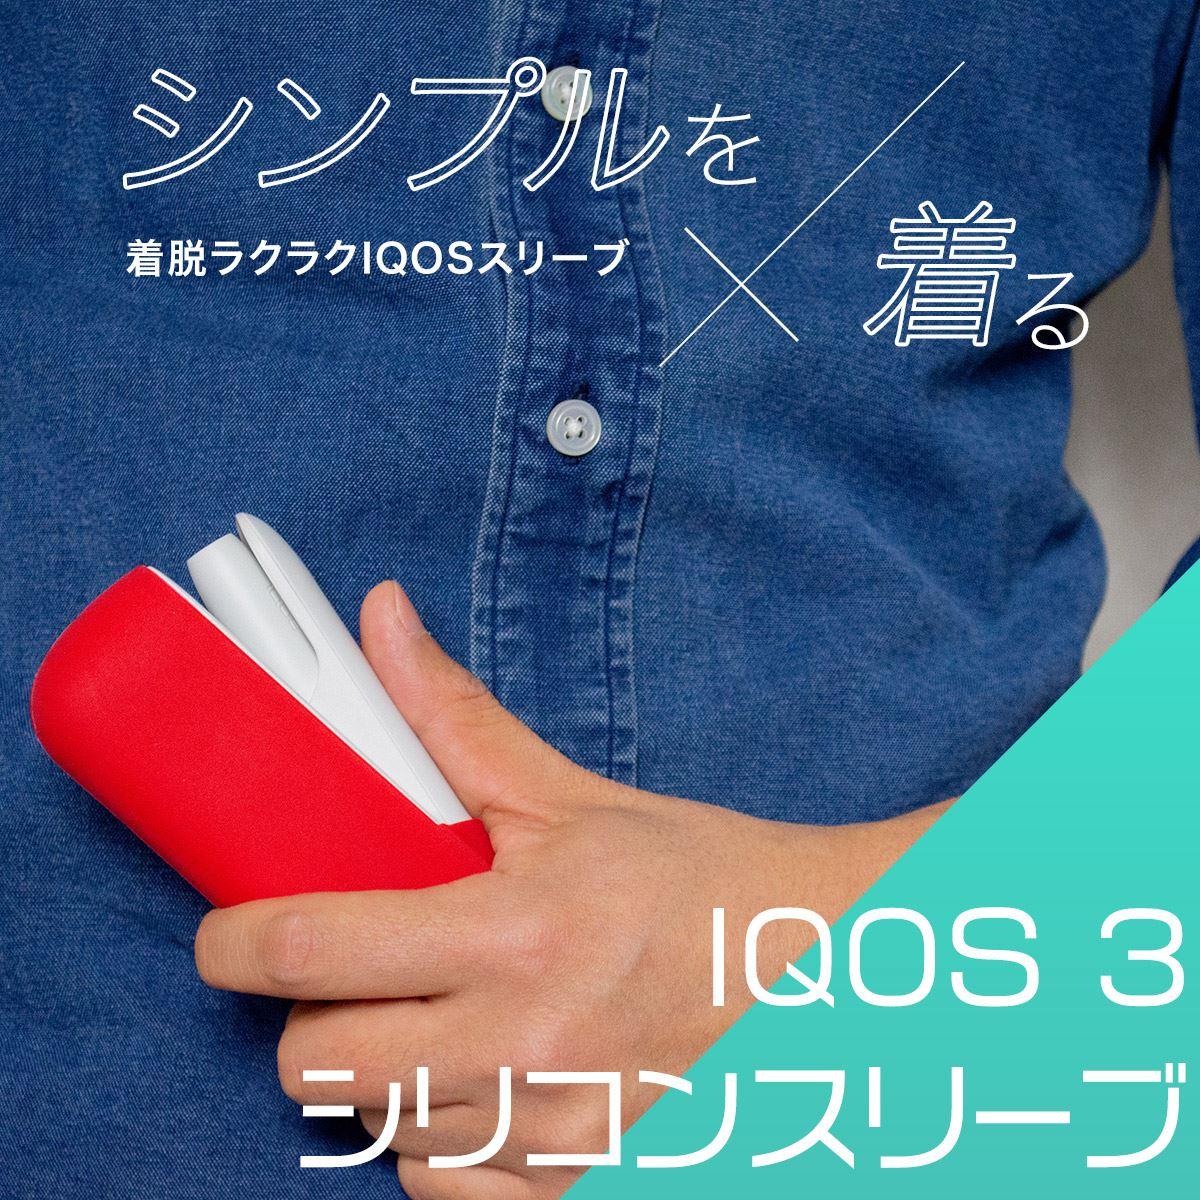 IQOS3 シリコンスリーブケース